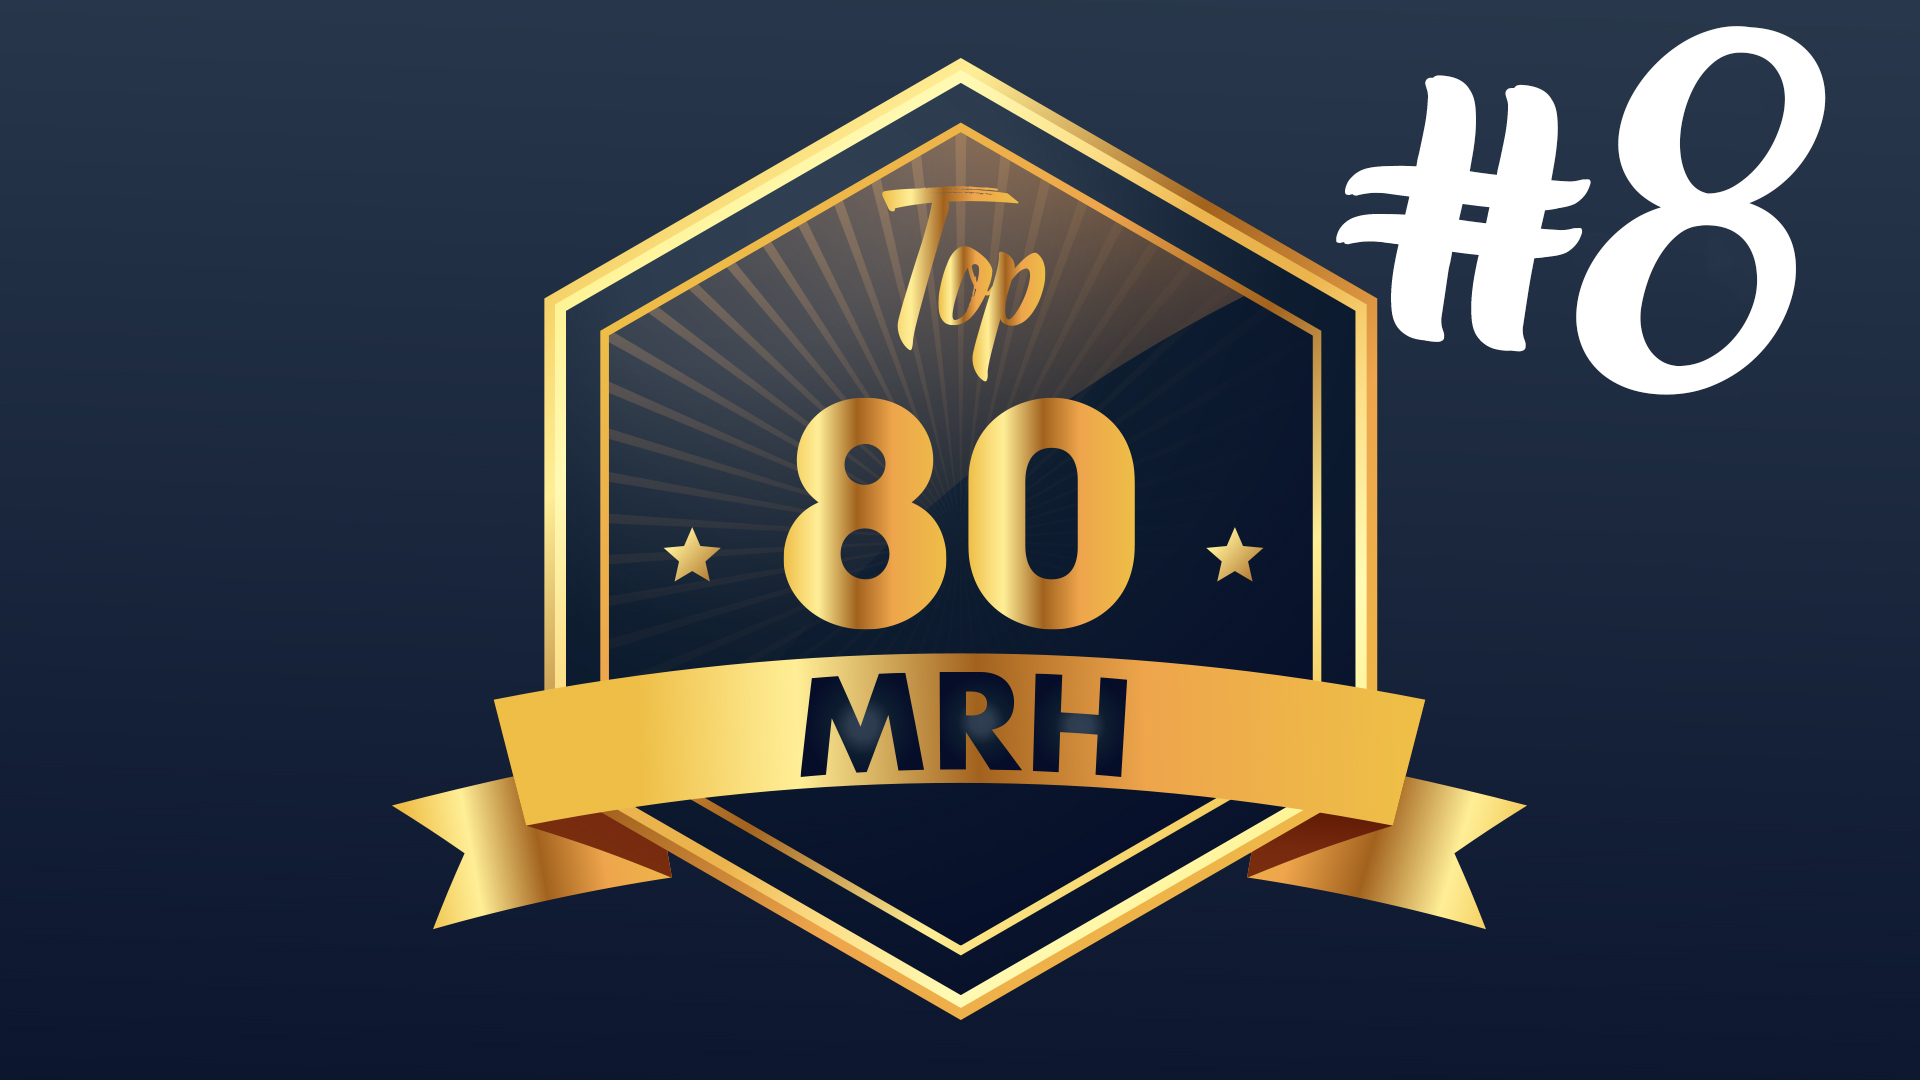 Top 80 MRH - Qui fera partie du 8e classement Top MRH